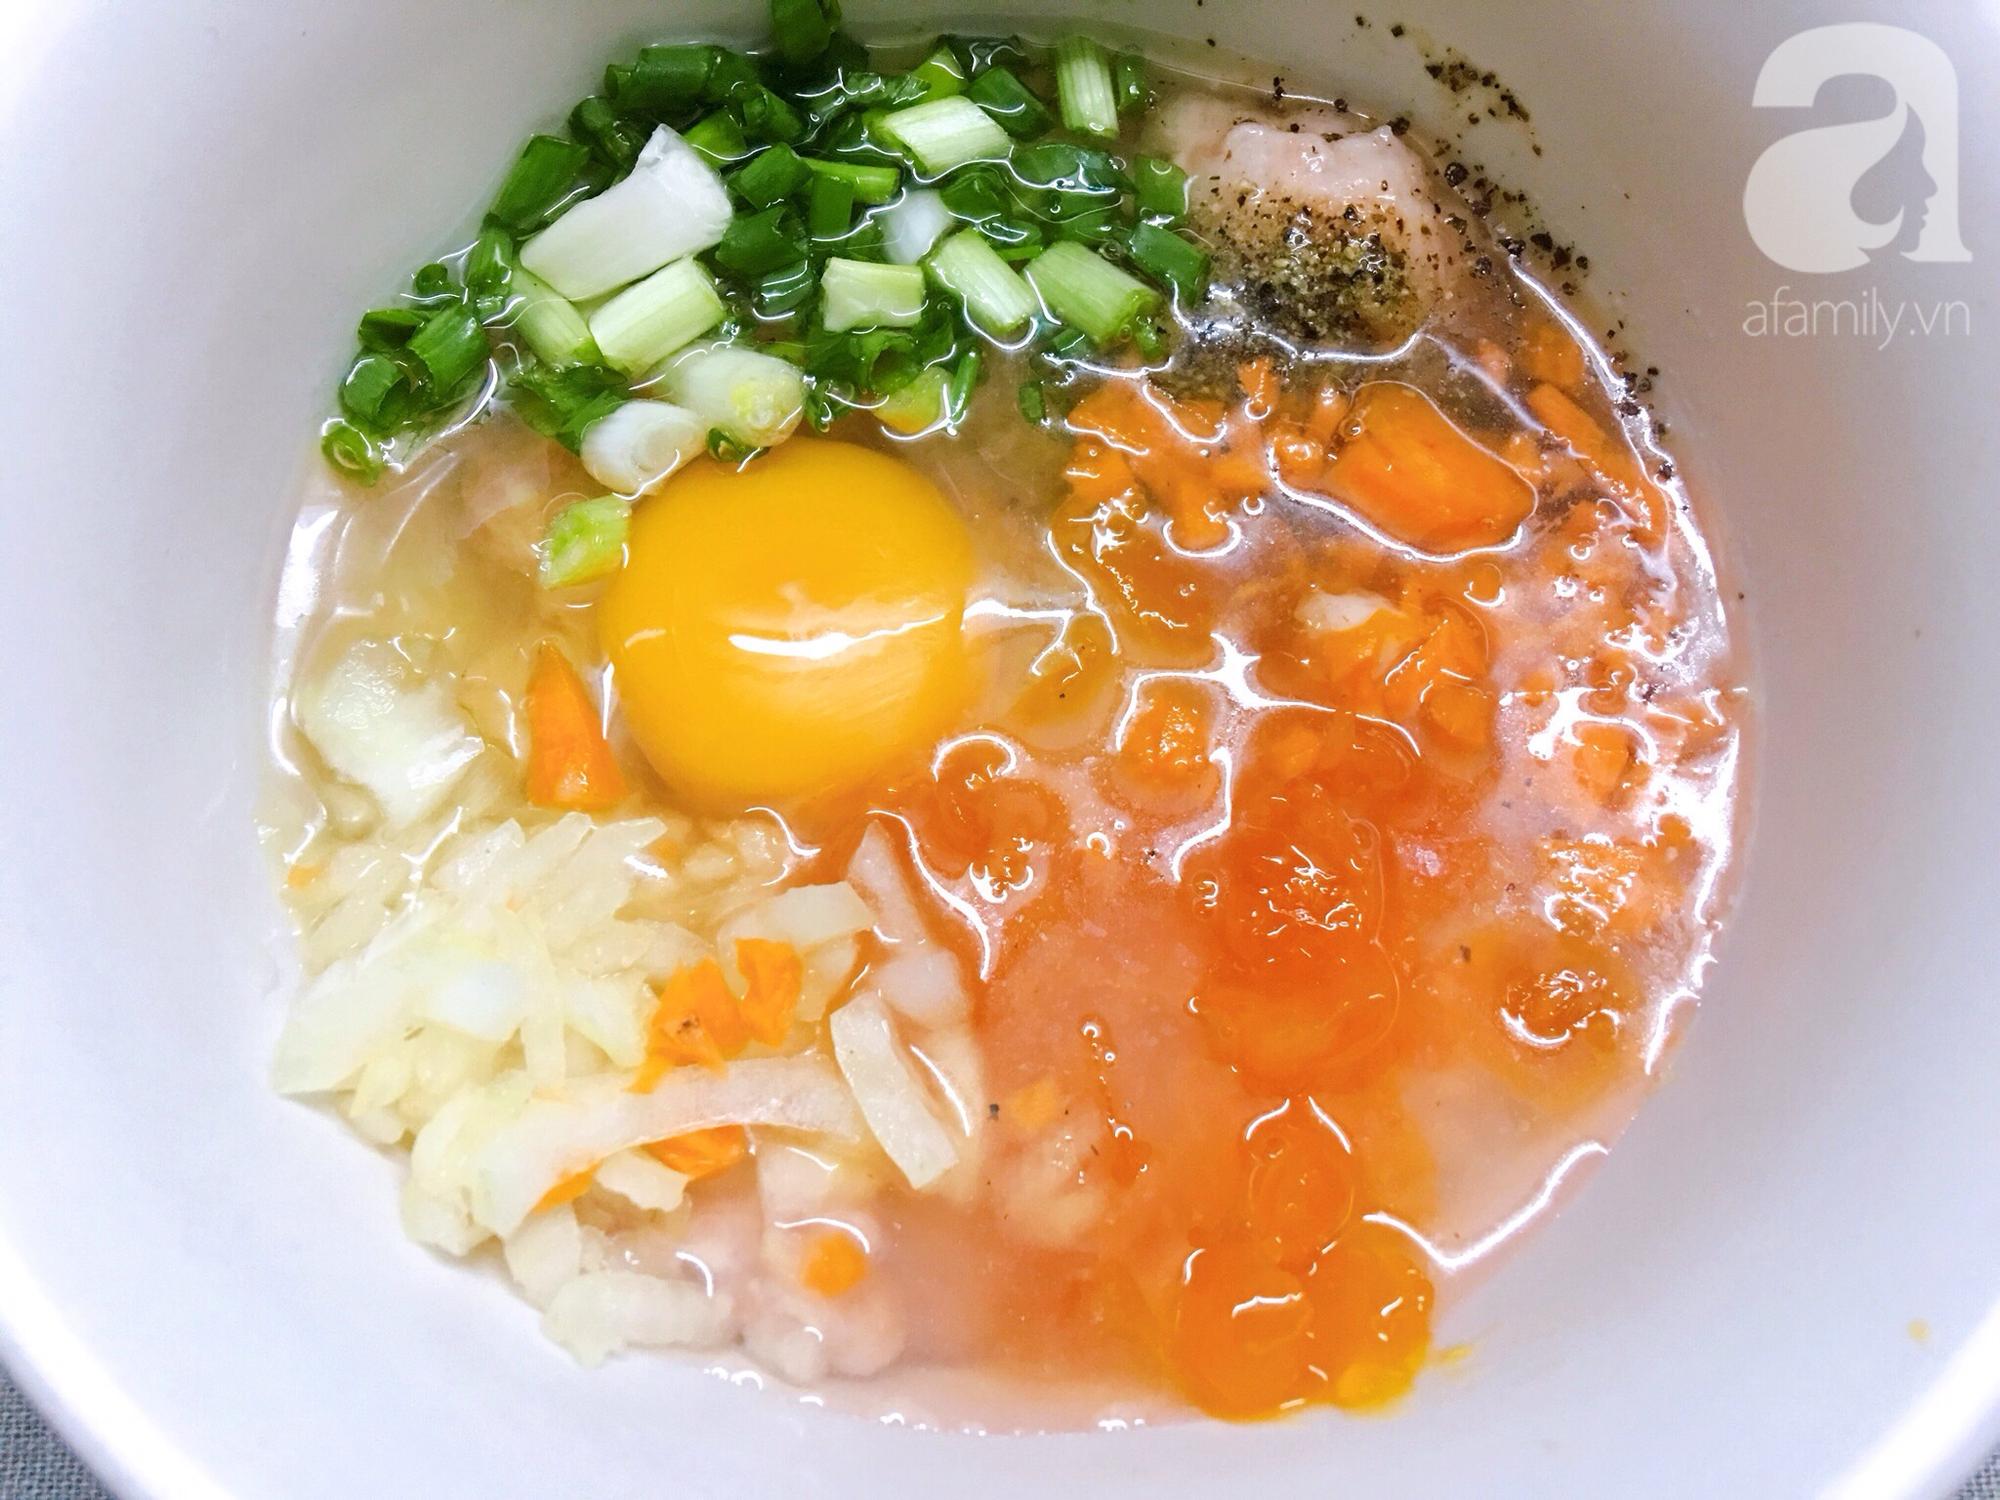 Thử ngay món mới cho bữa tối hôm nay: Chả hấp trứng muối ngon bất ngờ! - Ảnh 3